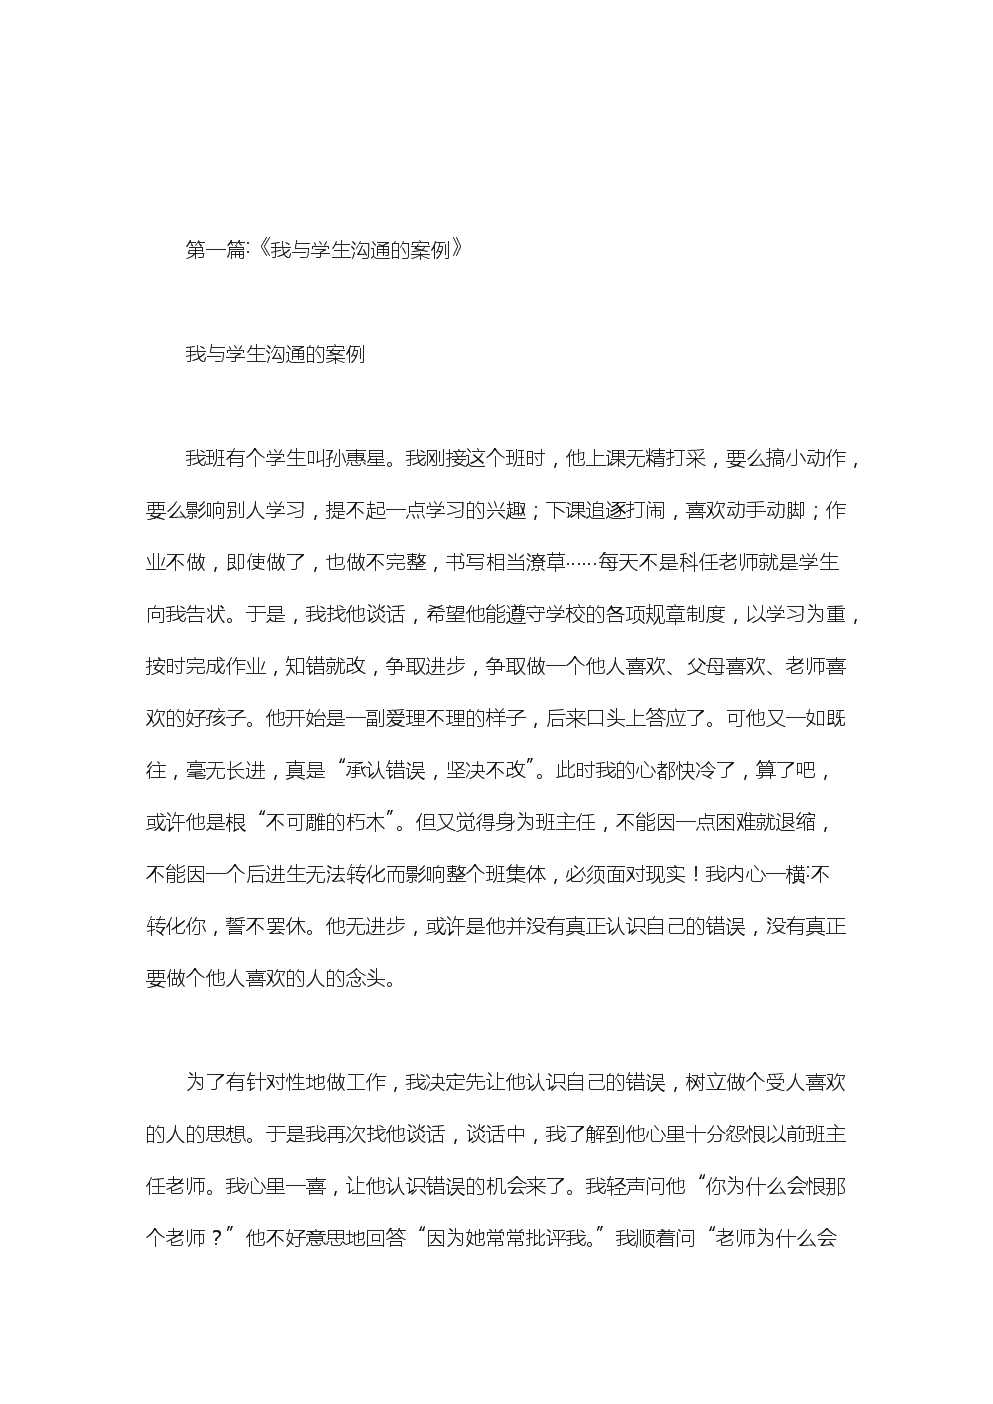 同学之间沟通案例.doc